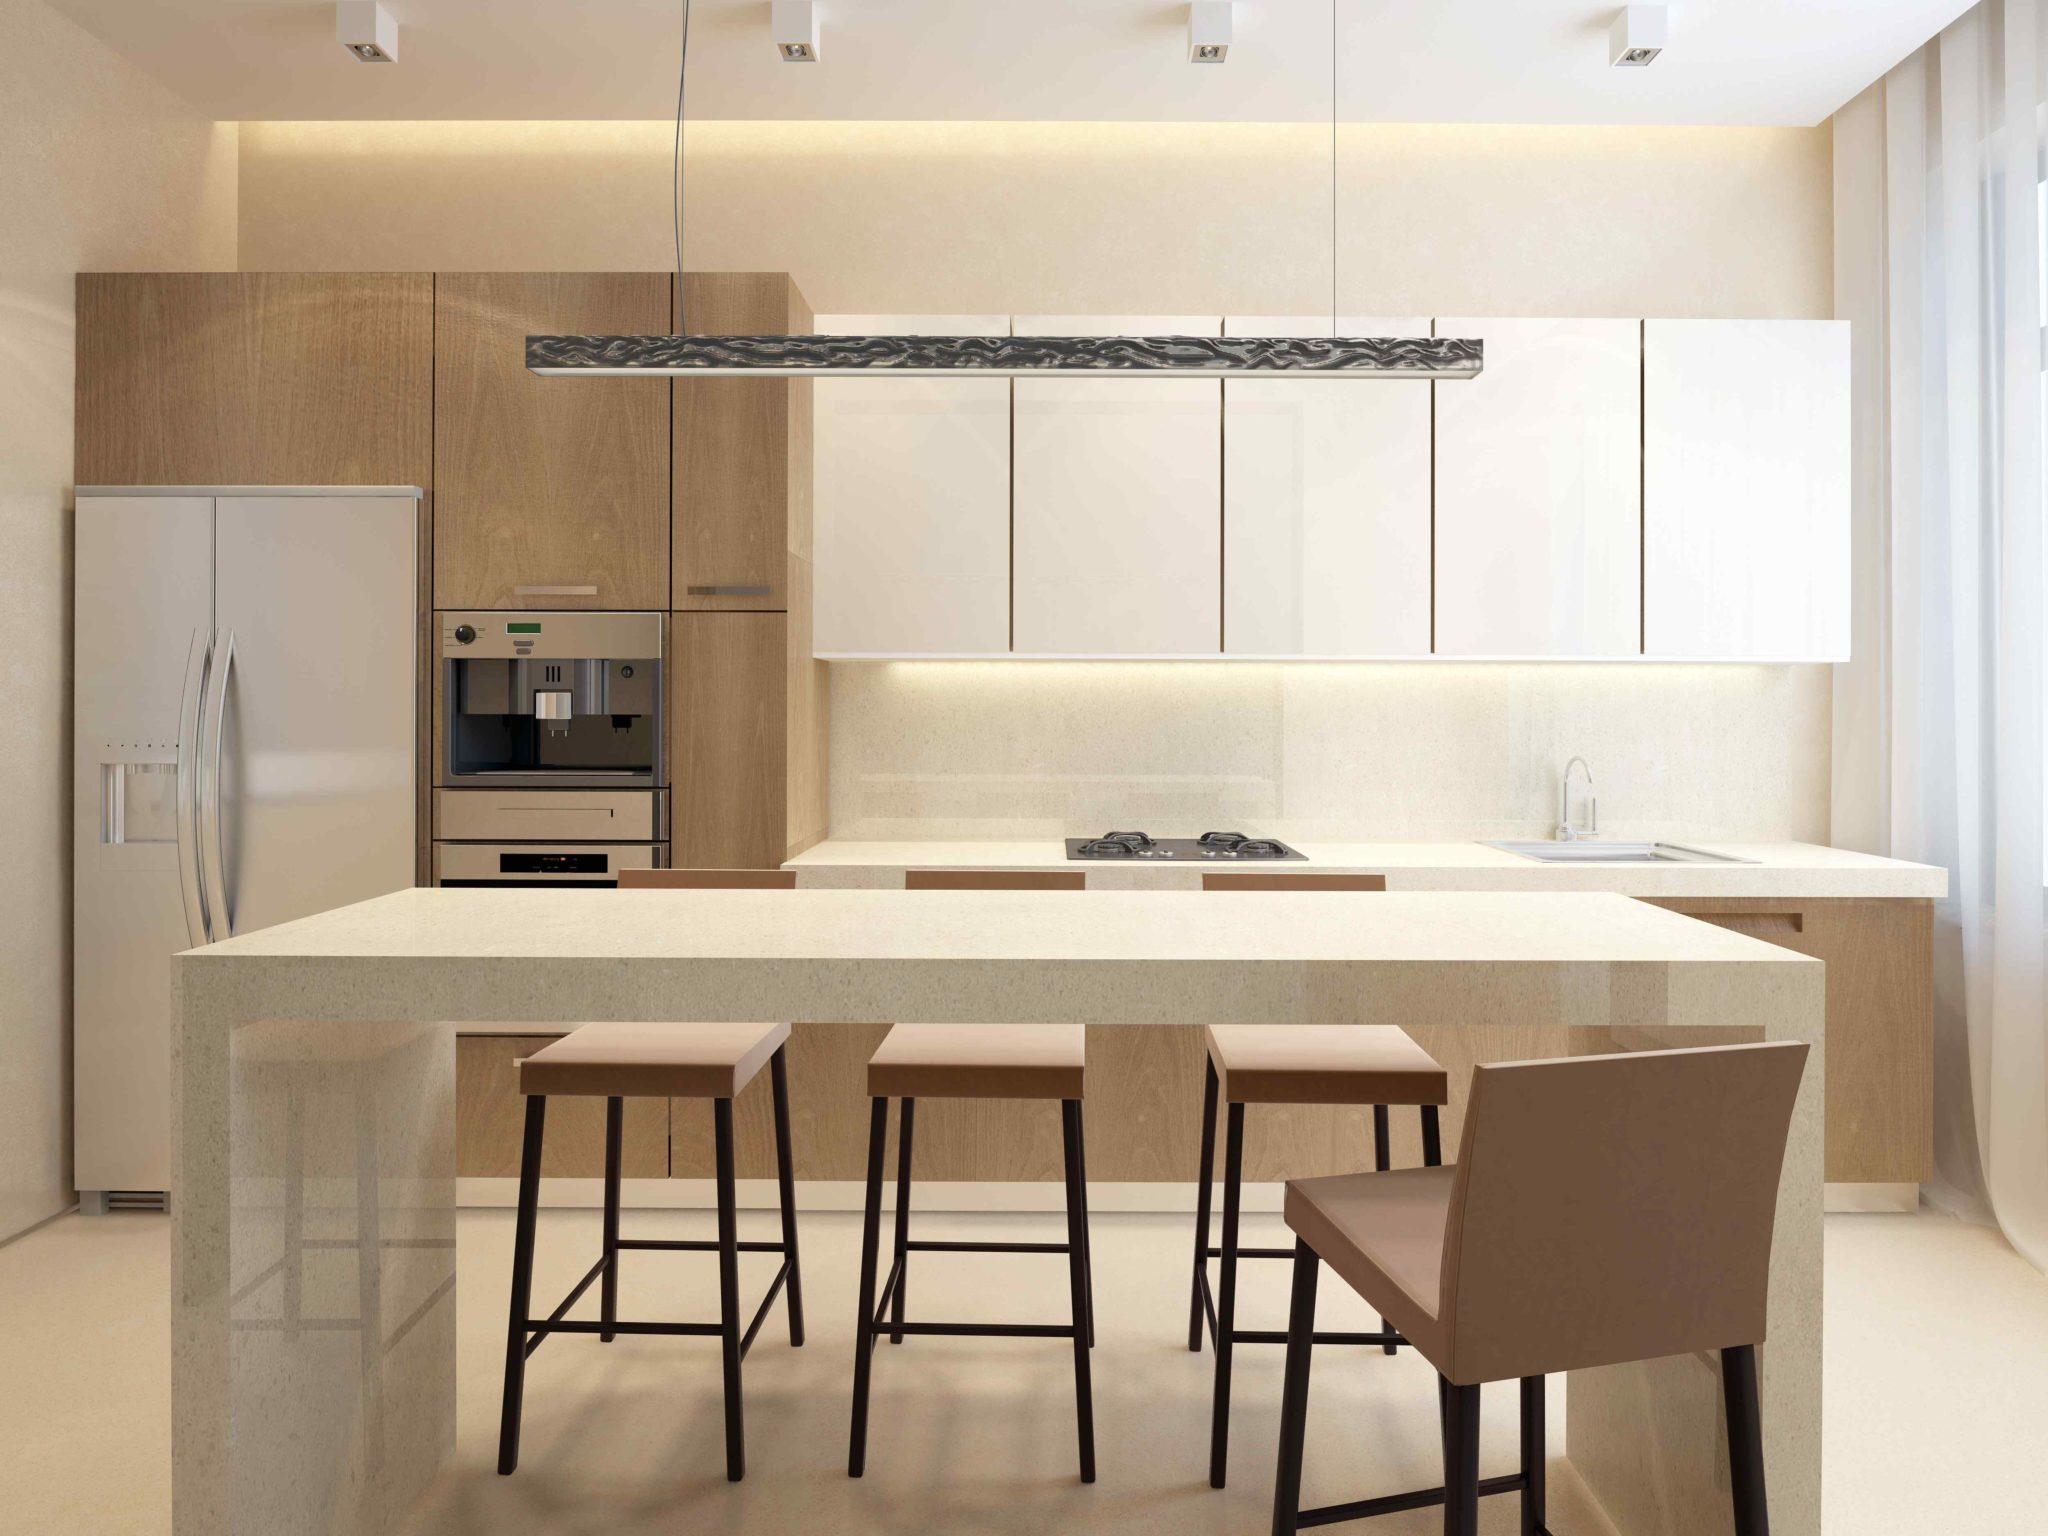 Desain Rumah : Menyatukan Dapur dan Ruang Makan